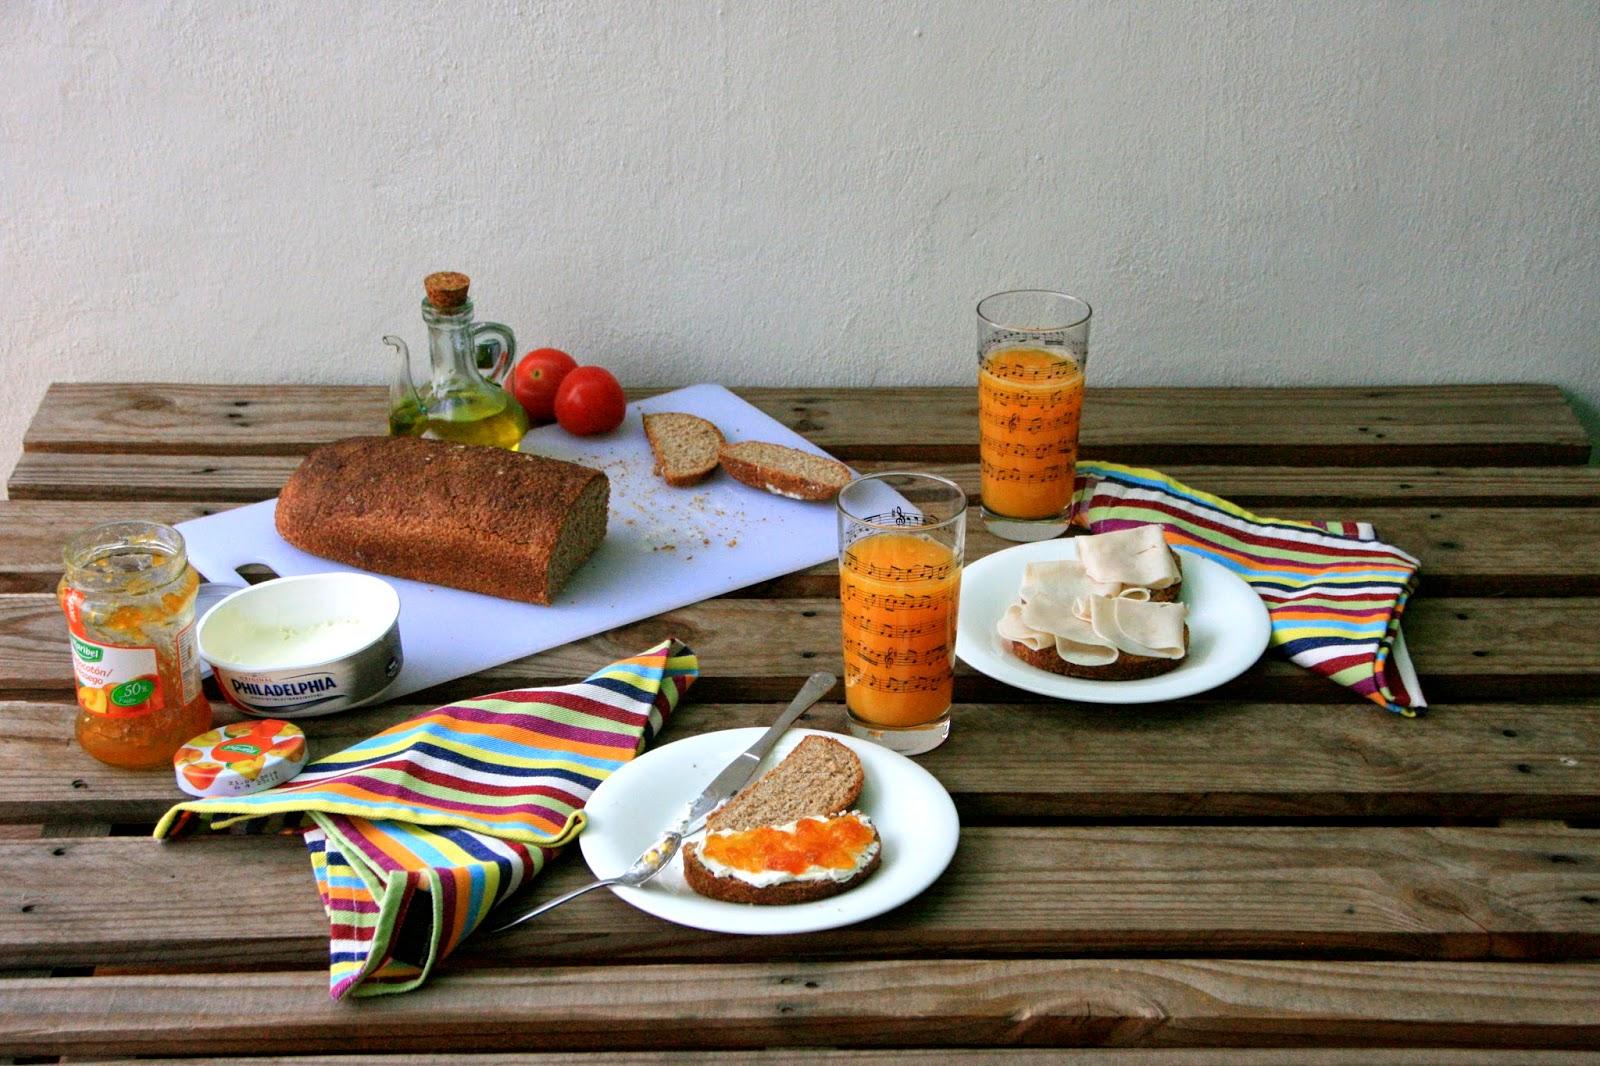 Desayuno sano con pan de molde integral casero